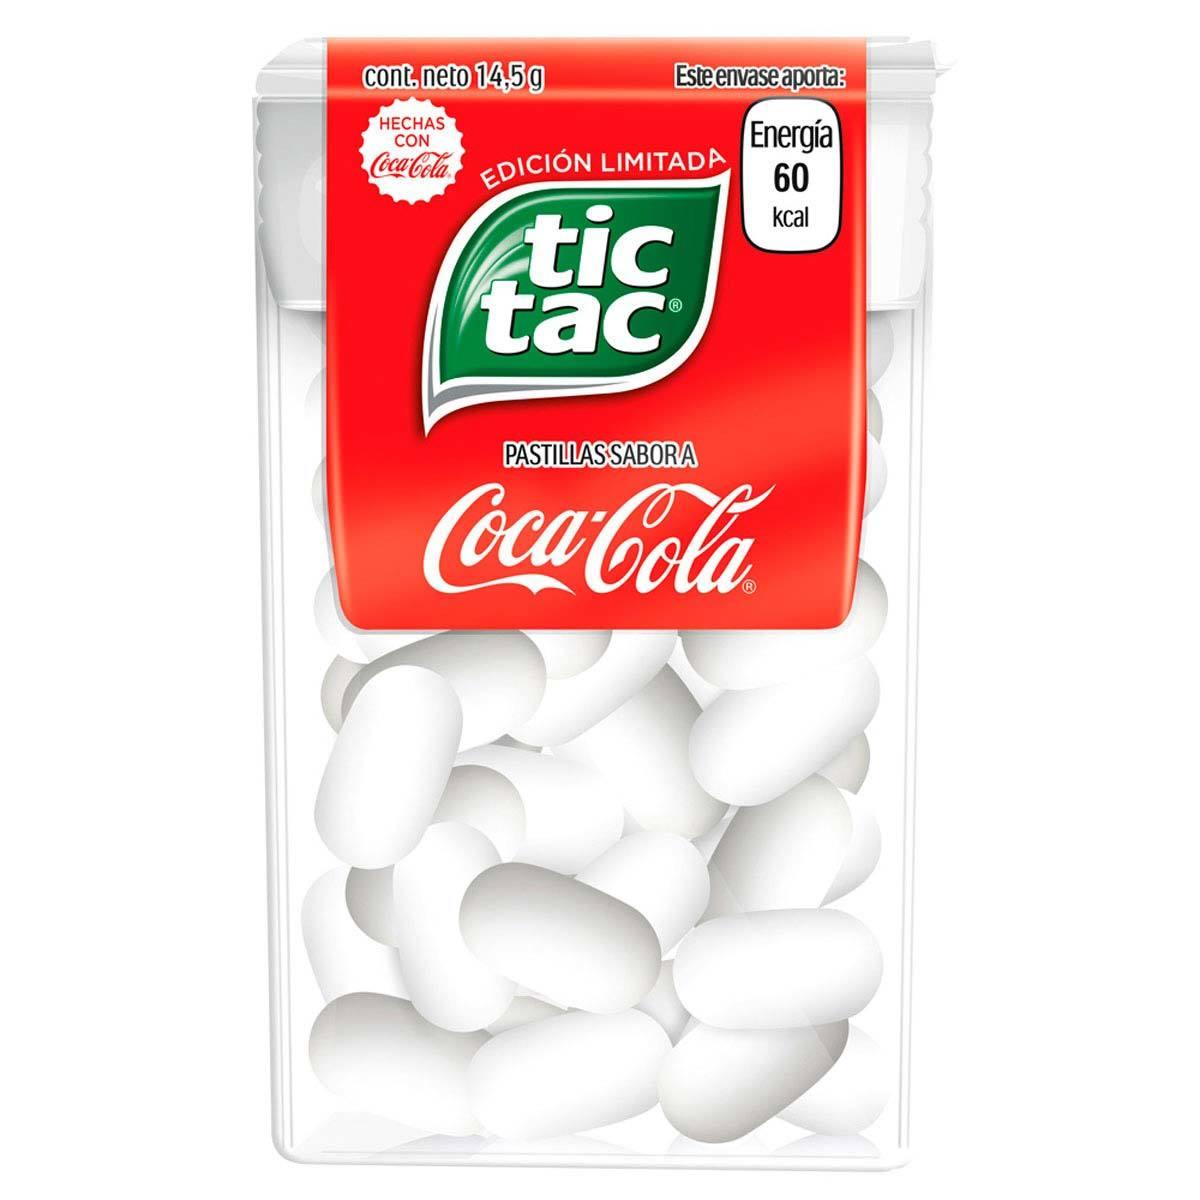 Chedraui Online Pastillas Tic Tac Coca Cola 14.5g